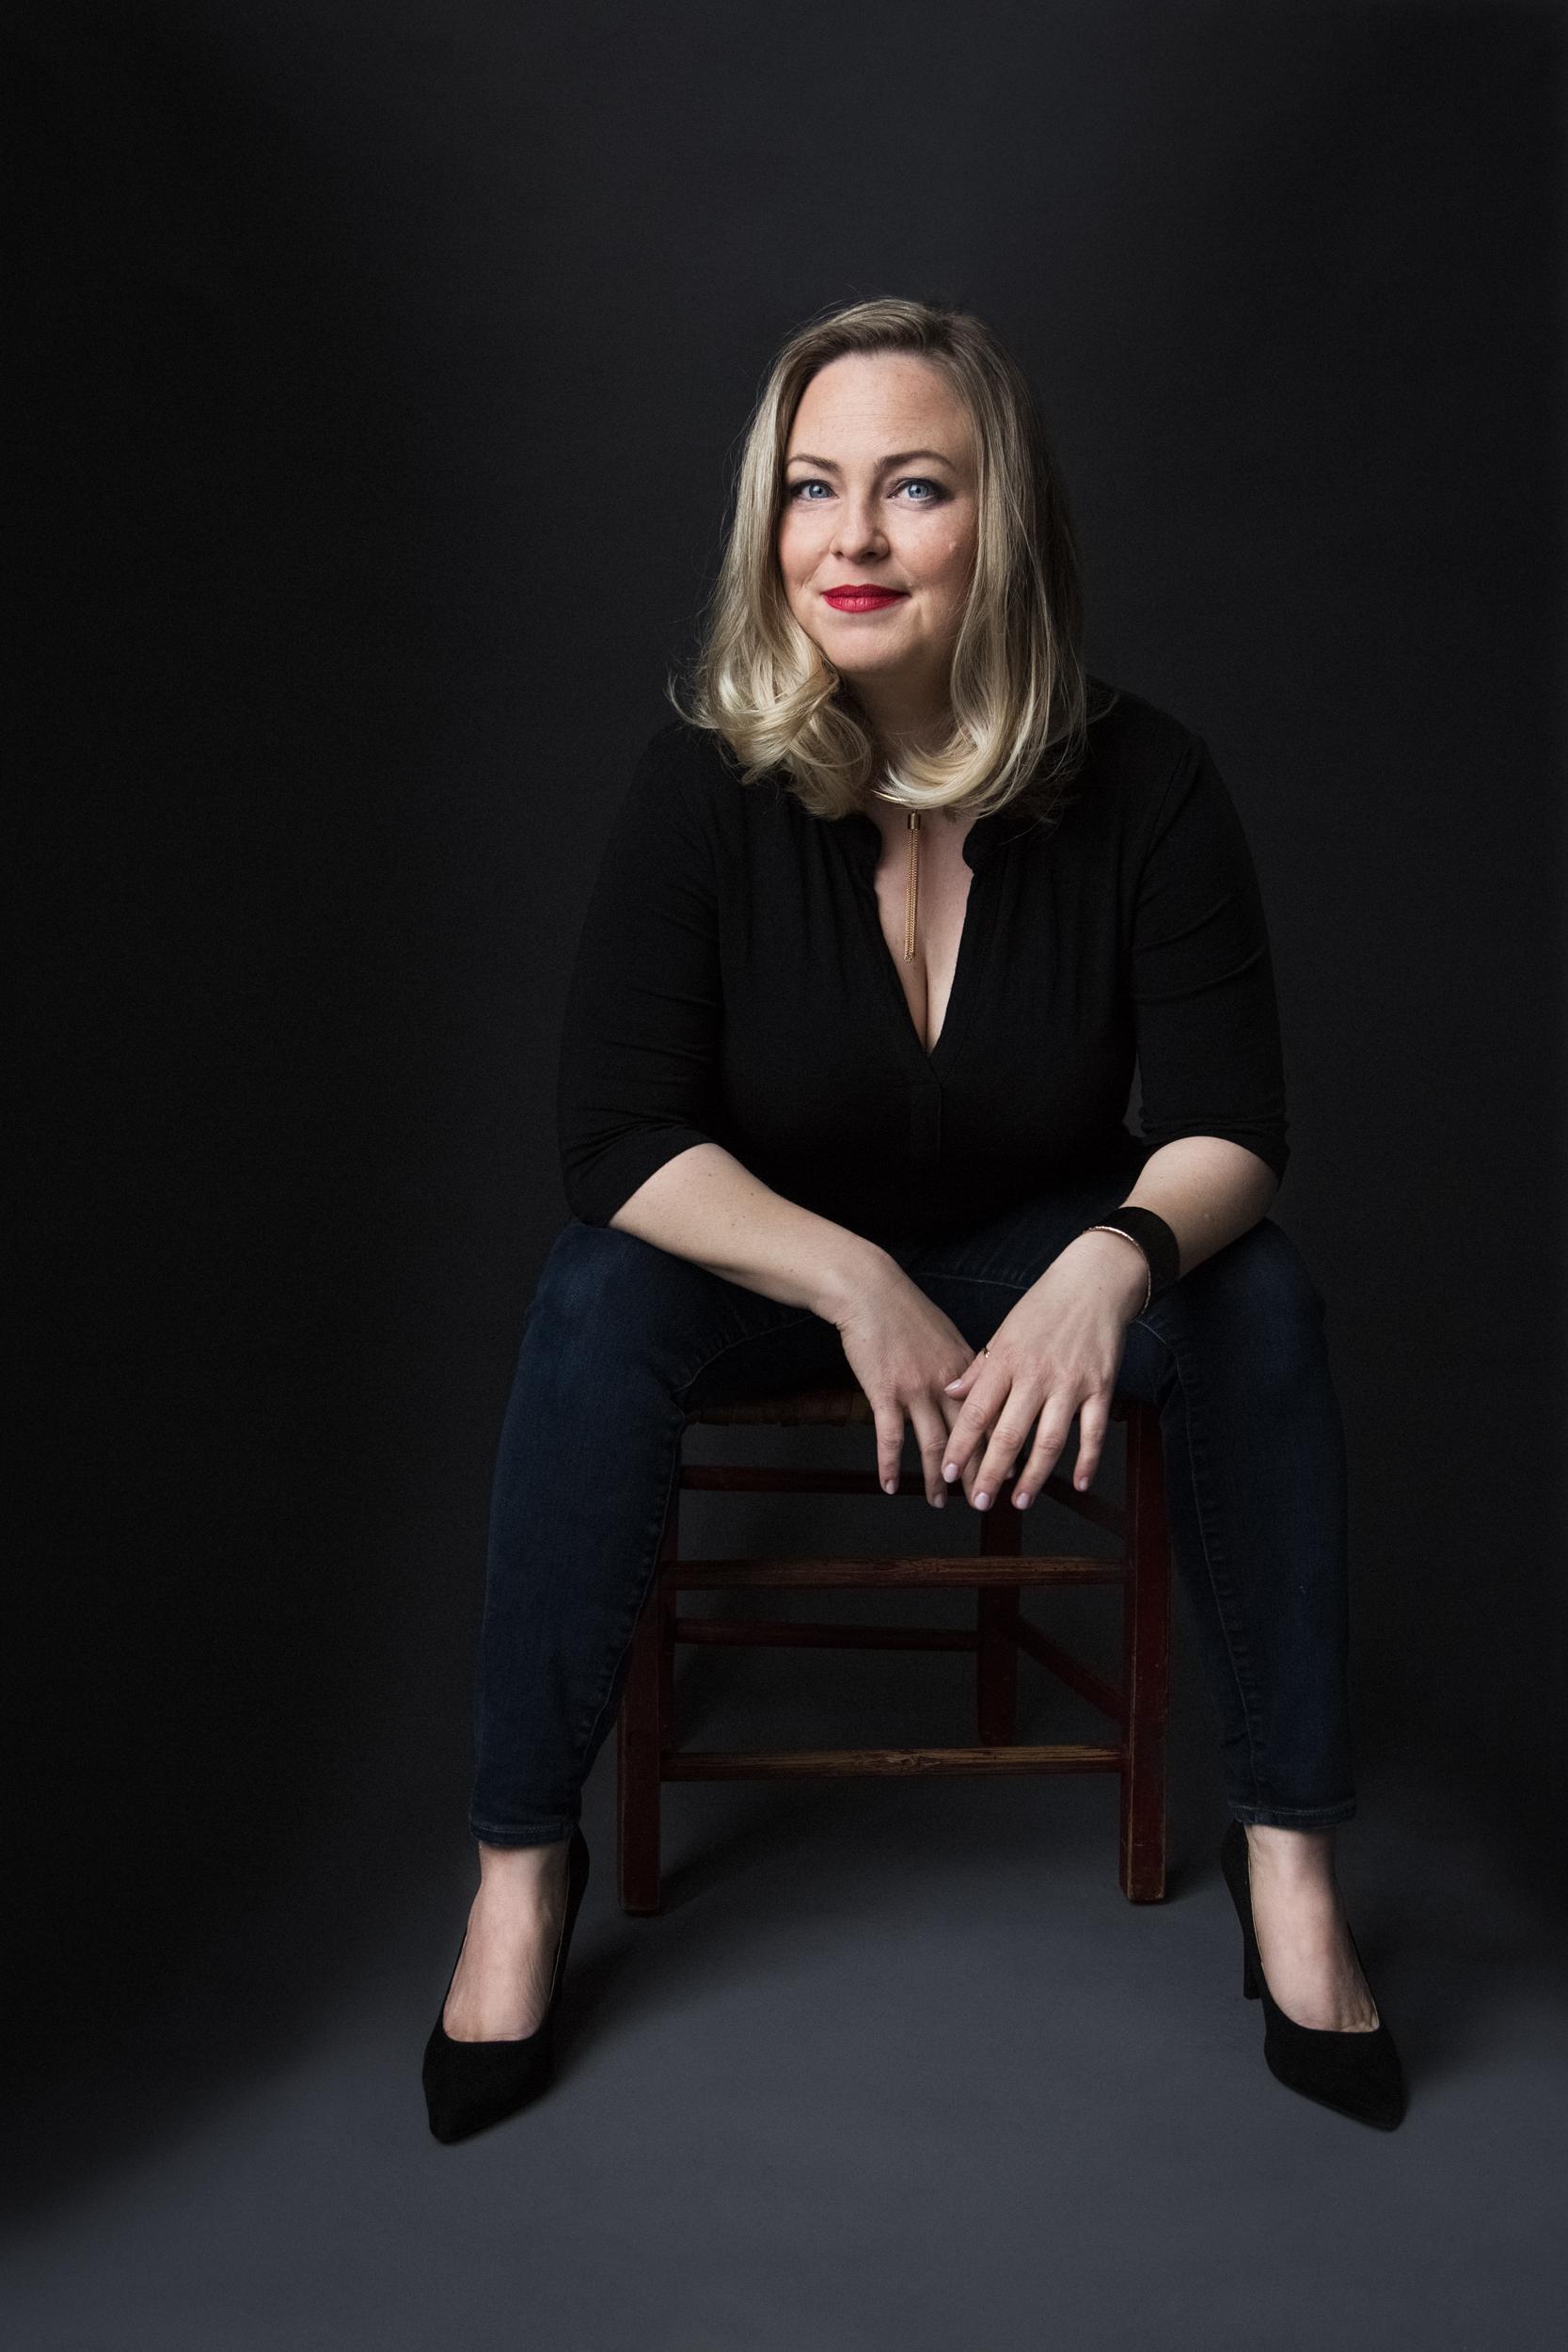 Gina Dunn